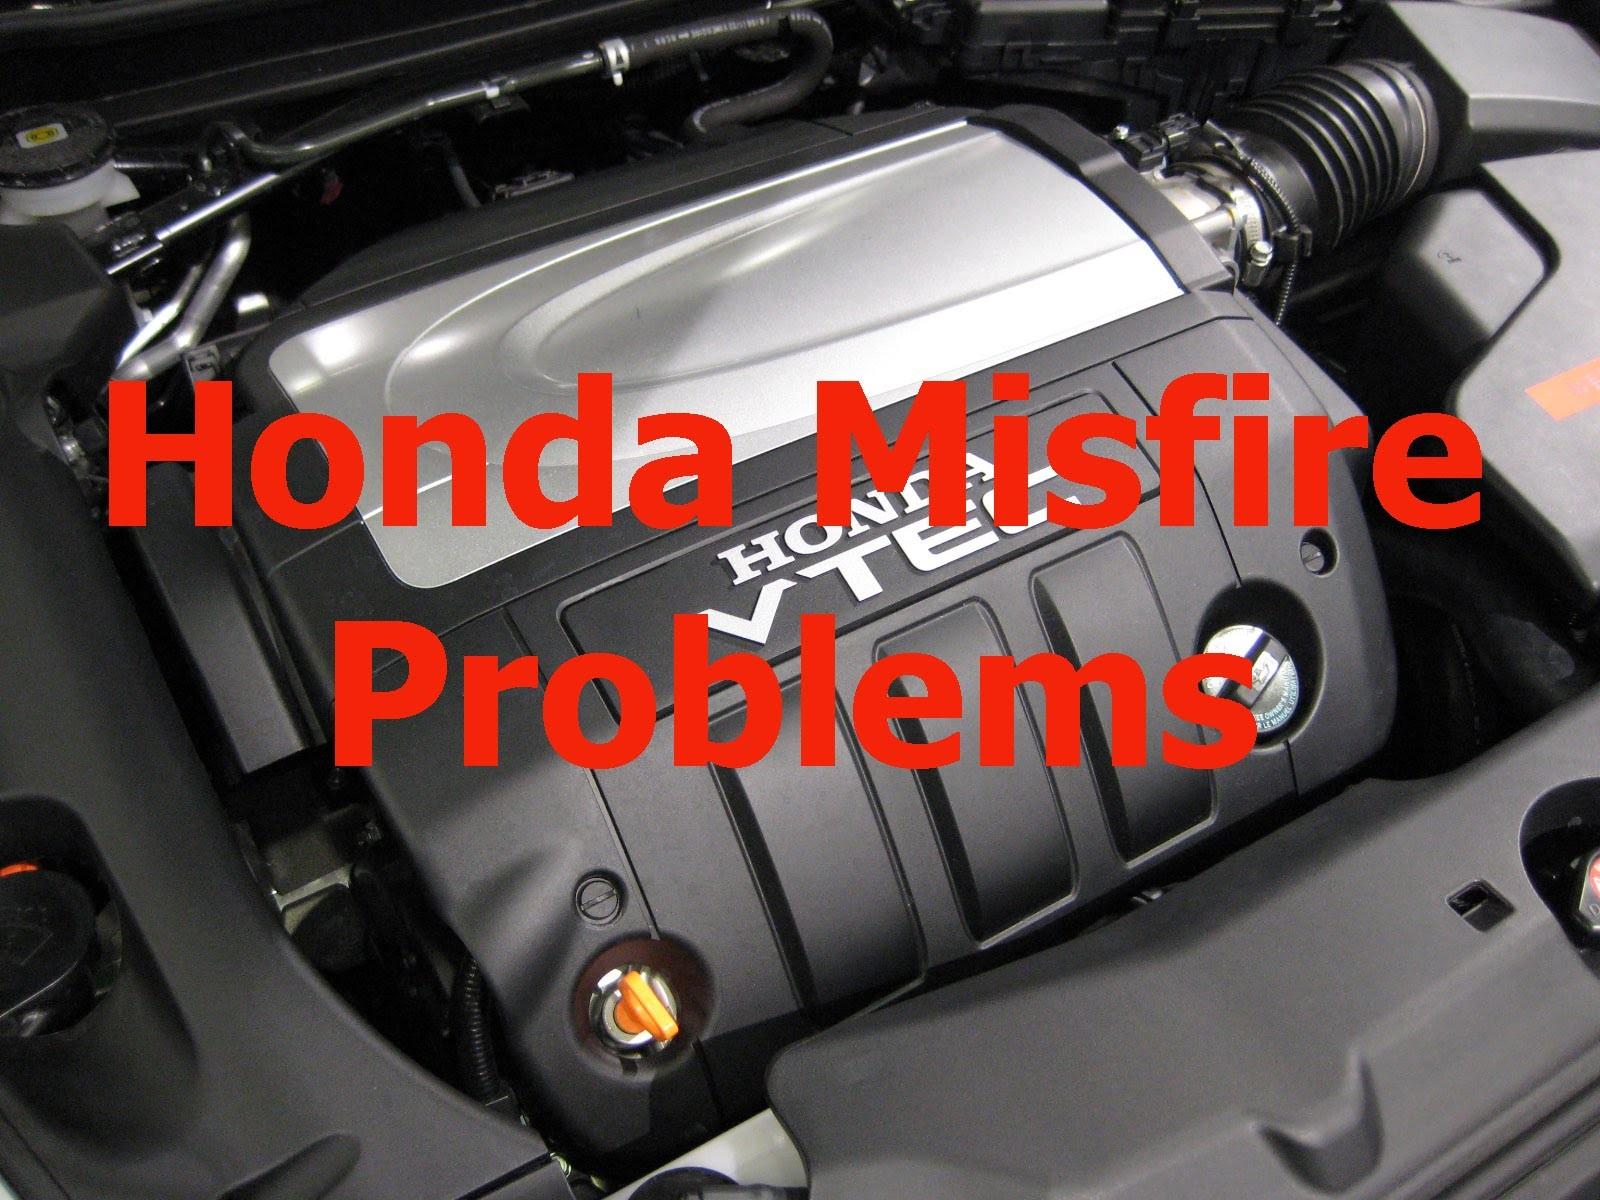 2003 Honda Accord V6 Engine Diagram How To Diagnose Misfire Codes P0300 P0301 P0302 Etc